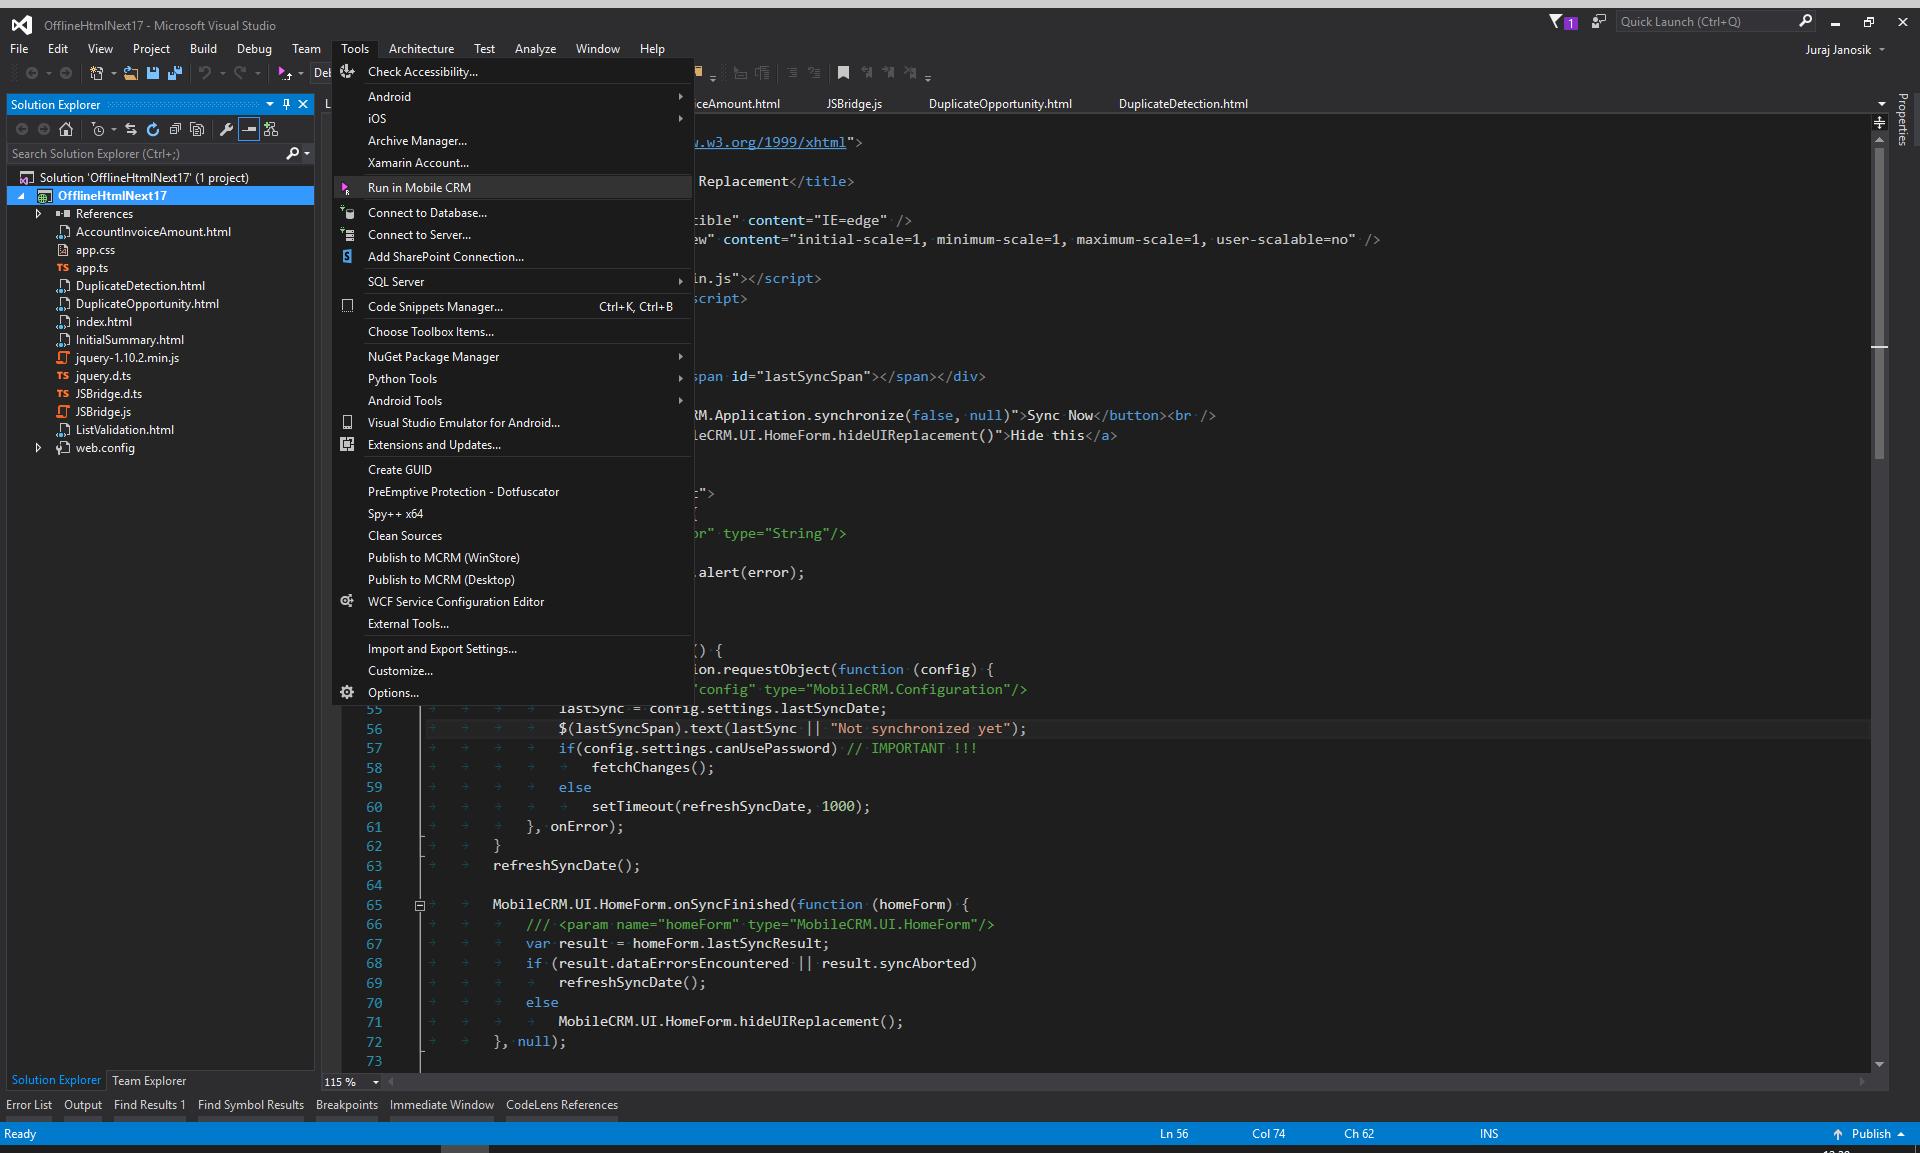 Debug_Resco_Offline_HTML_005